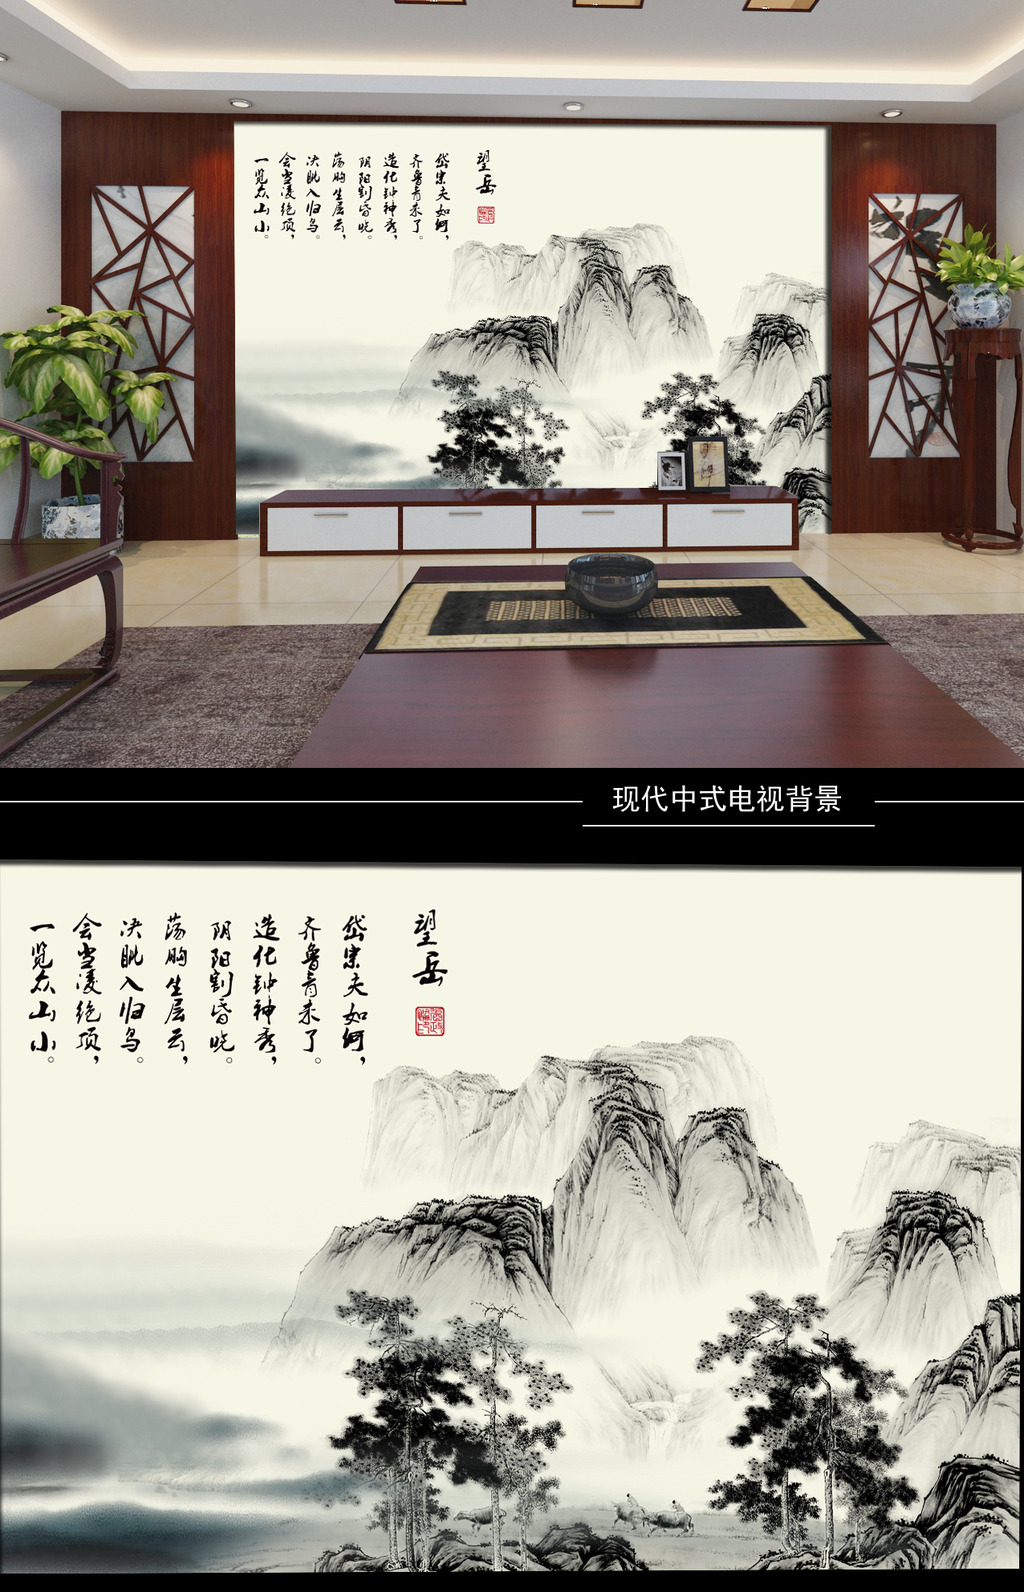 中式电视背景墙模板下载 中式电视背景墙图片下载 中式电视背景 山水图片